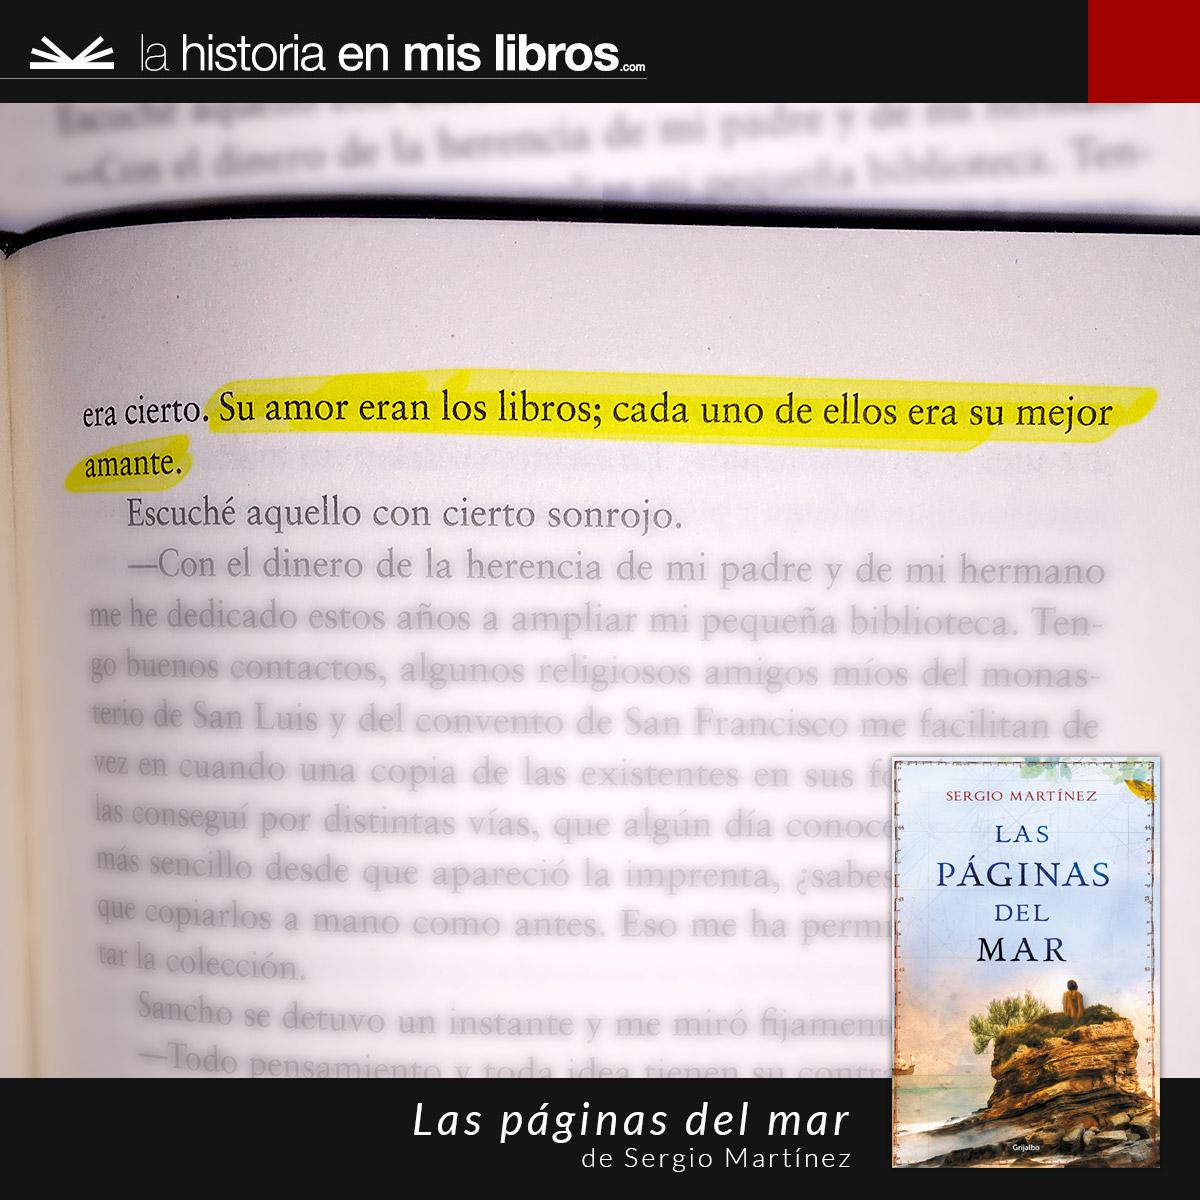 Las páginas del mar de Sergio Martínez.